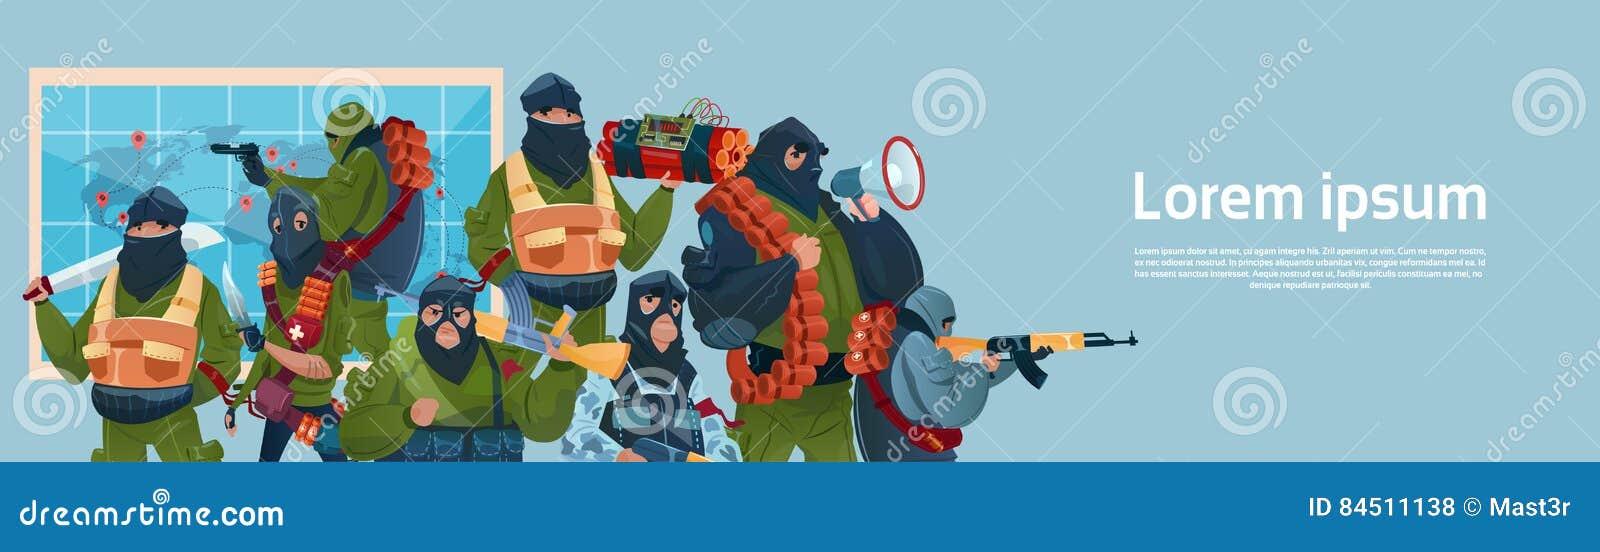 恐怖主义武装恐怖分子黑色面具举行武器机枪计划世界攻击